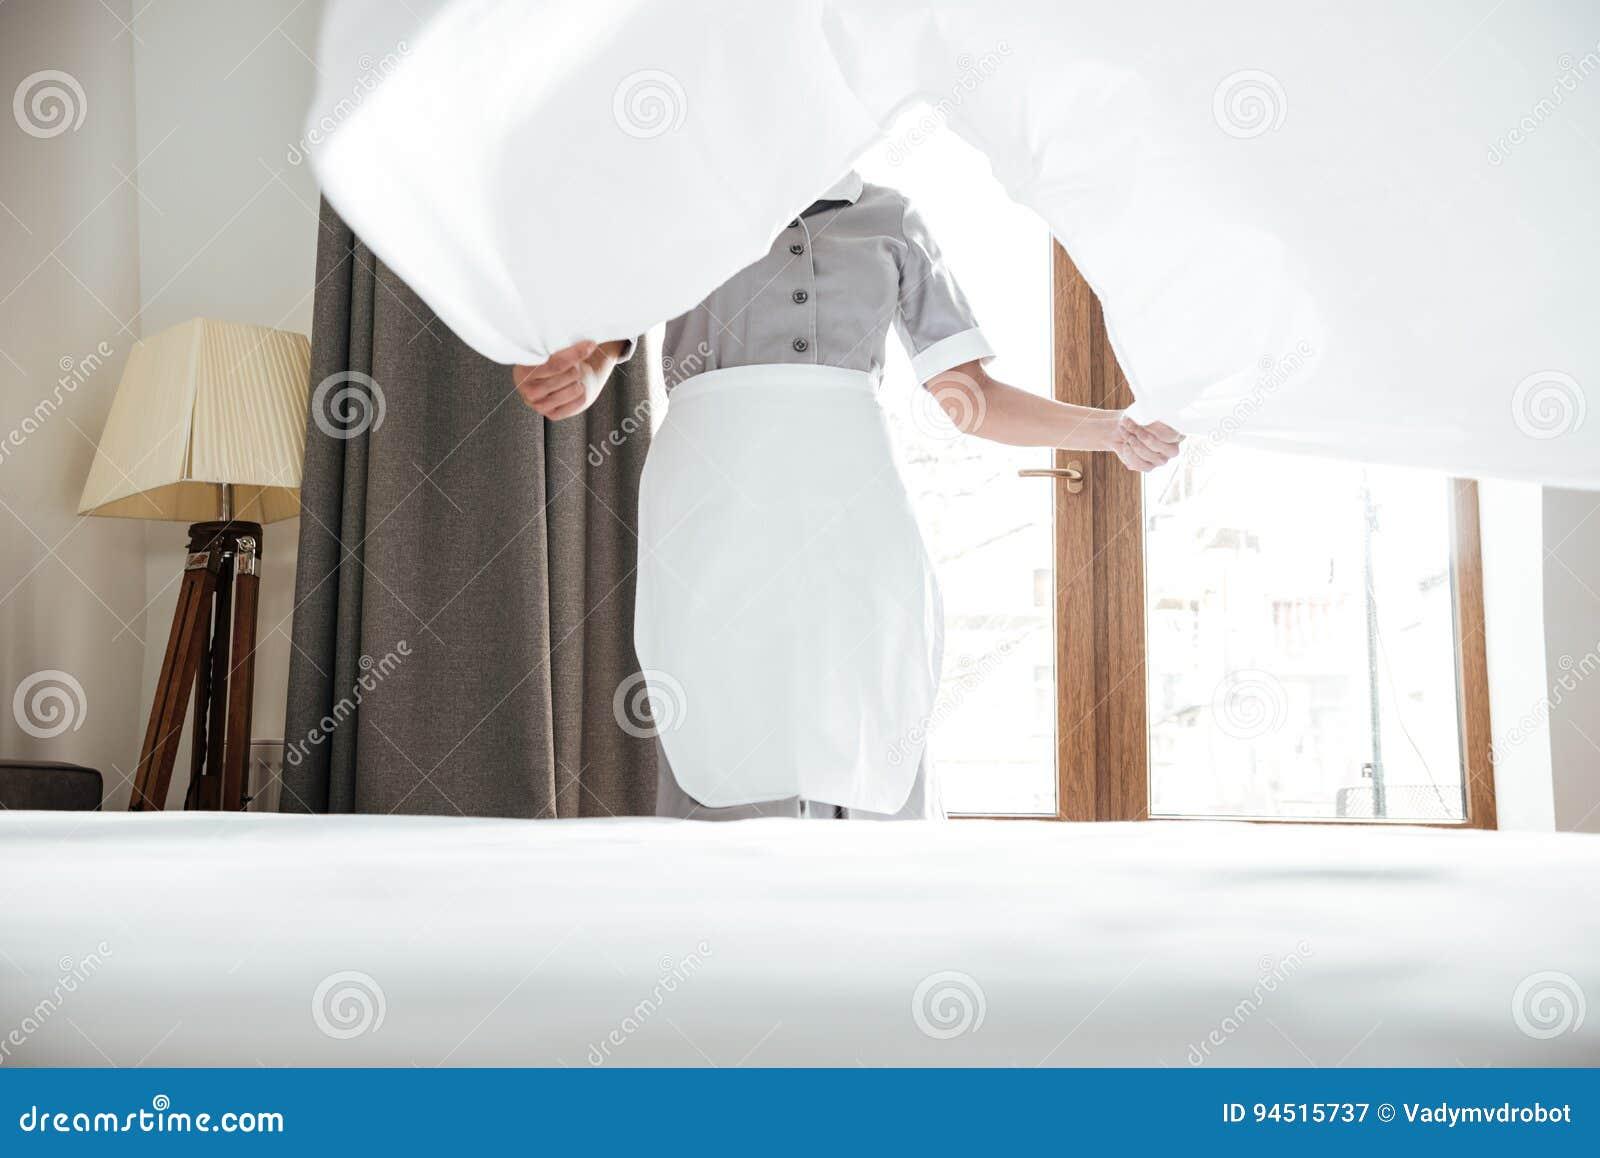 Imagem colhida de uma folha de cama em mudança da empregada doméstica do hotel